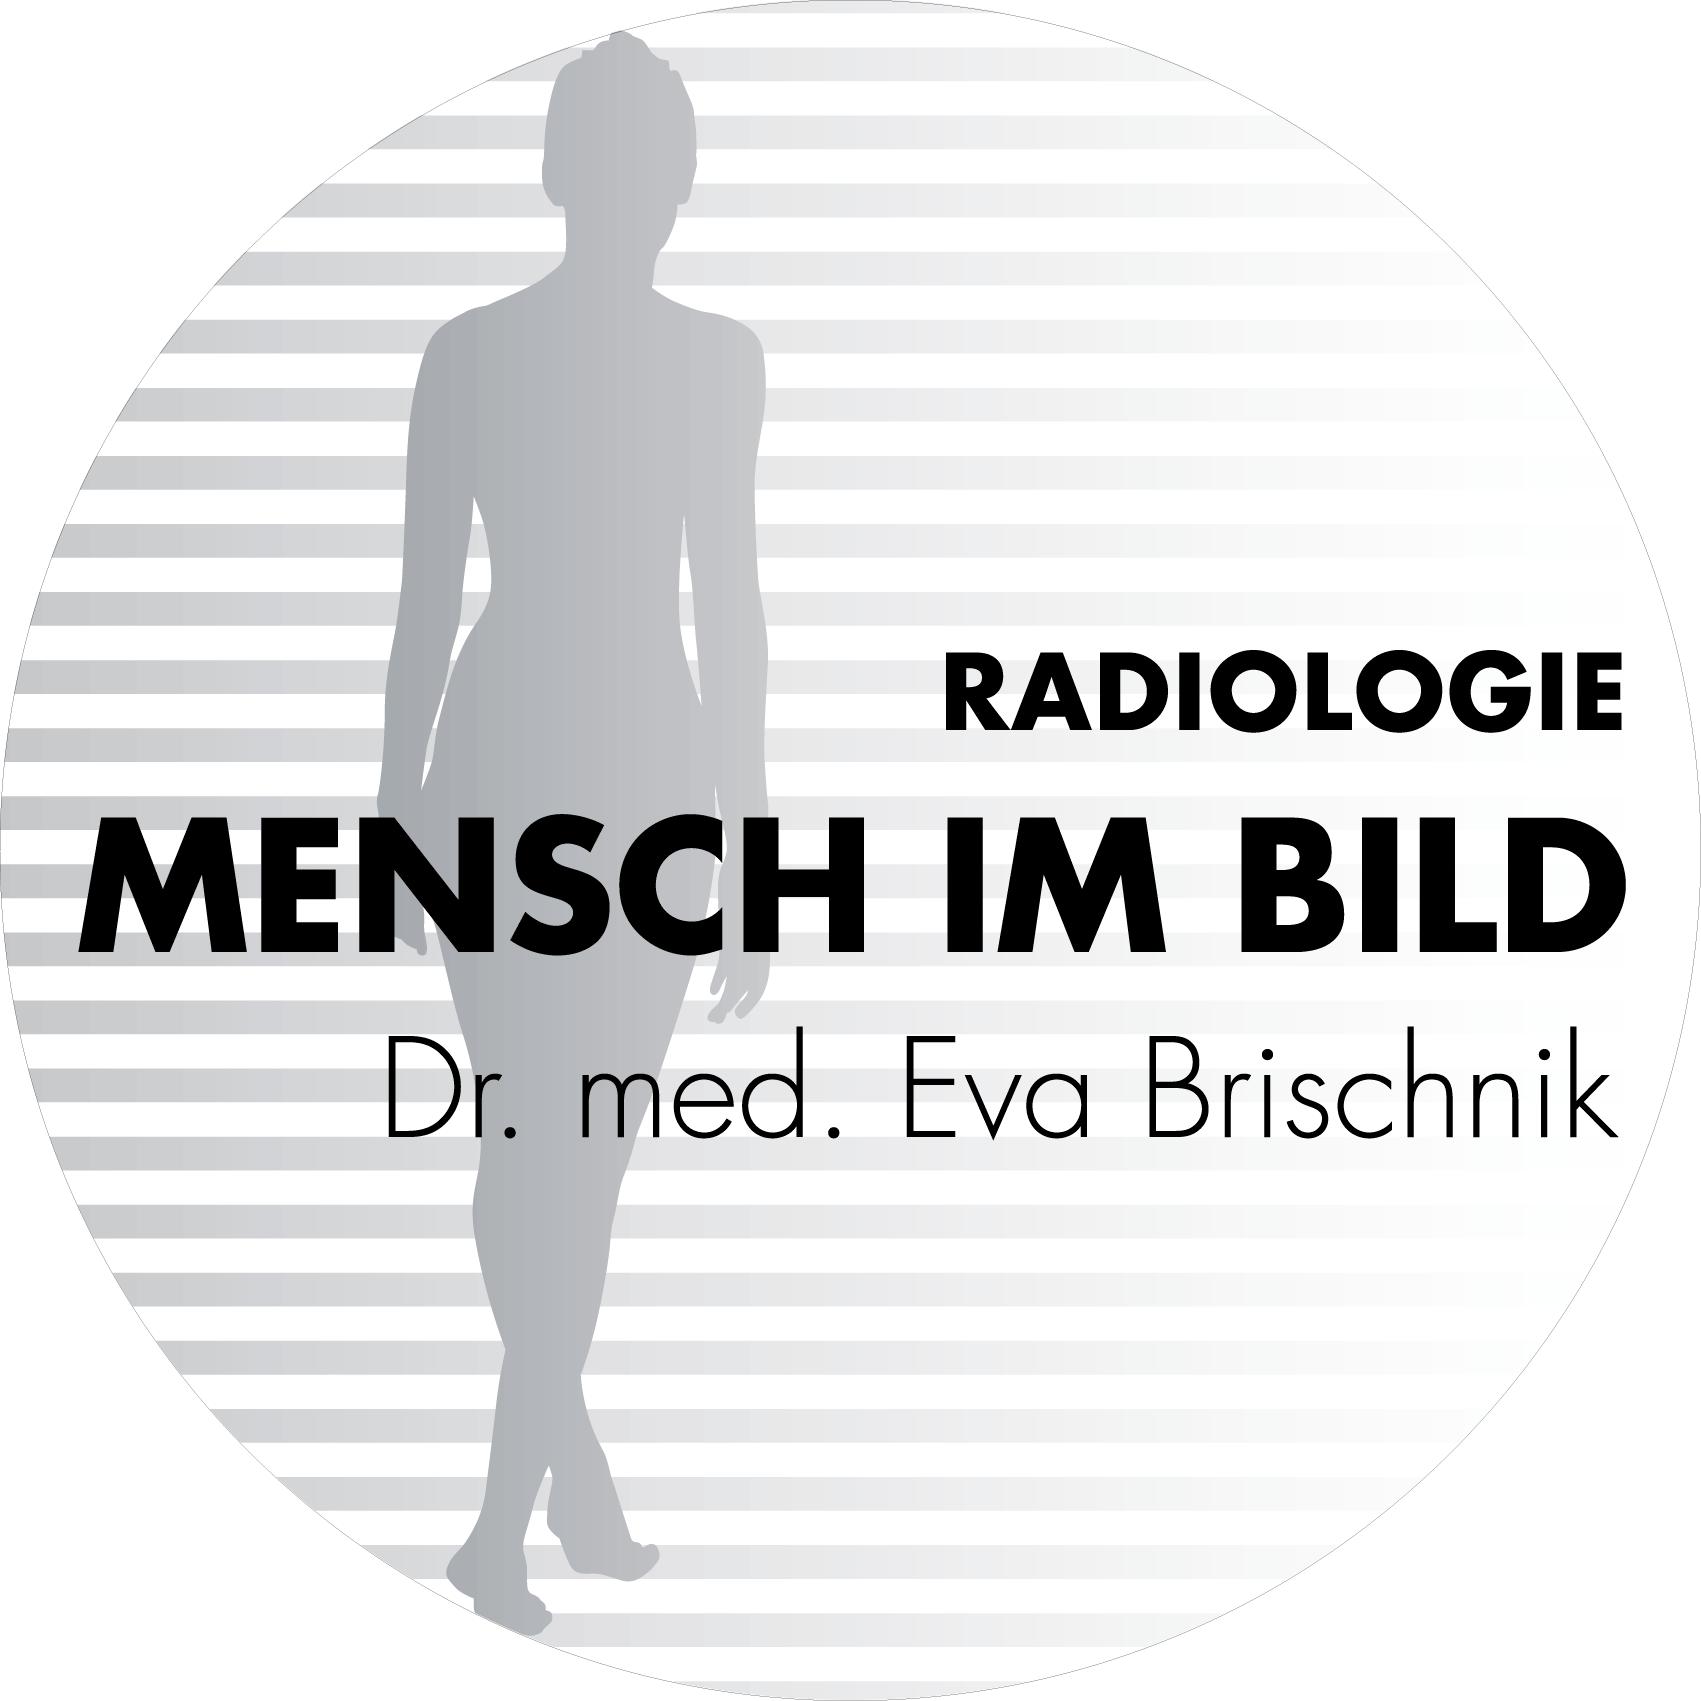 Radiologie - Mensch im Bild